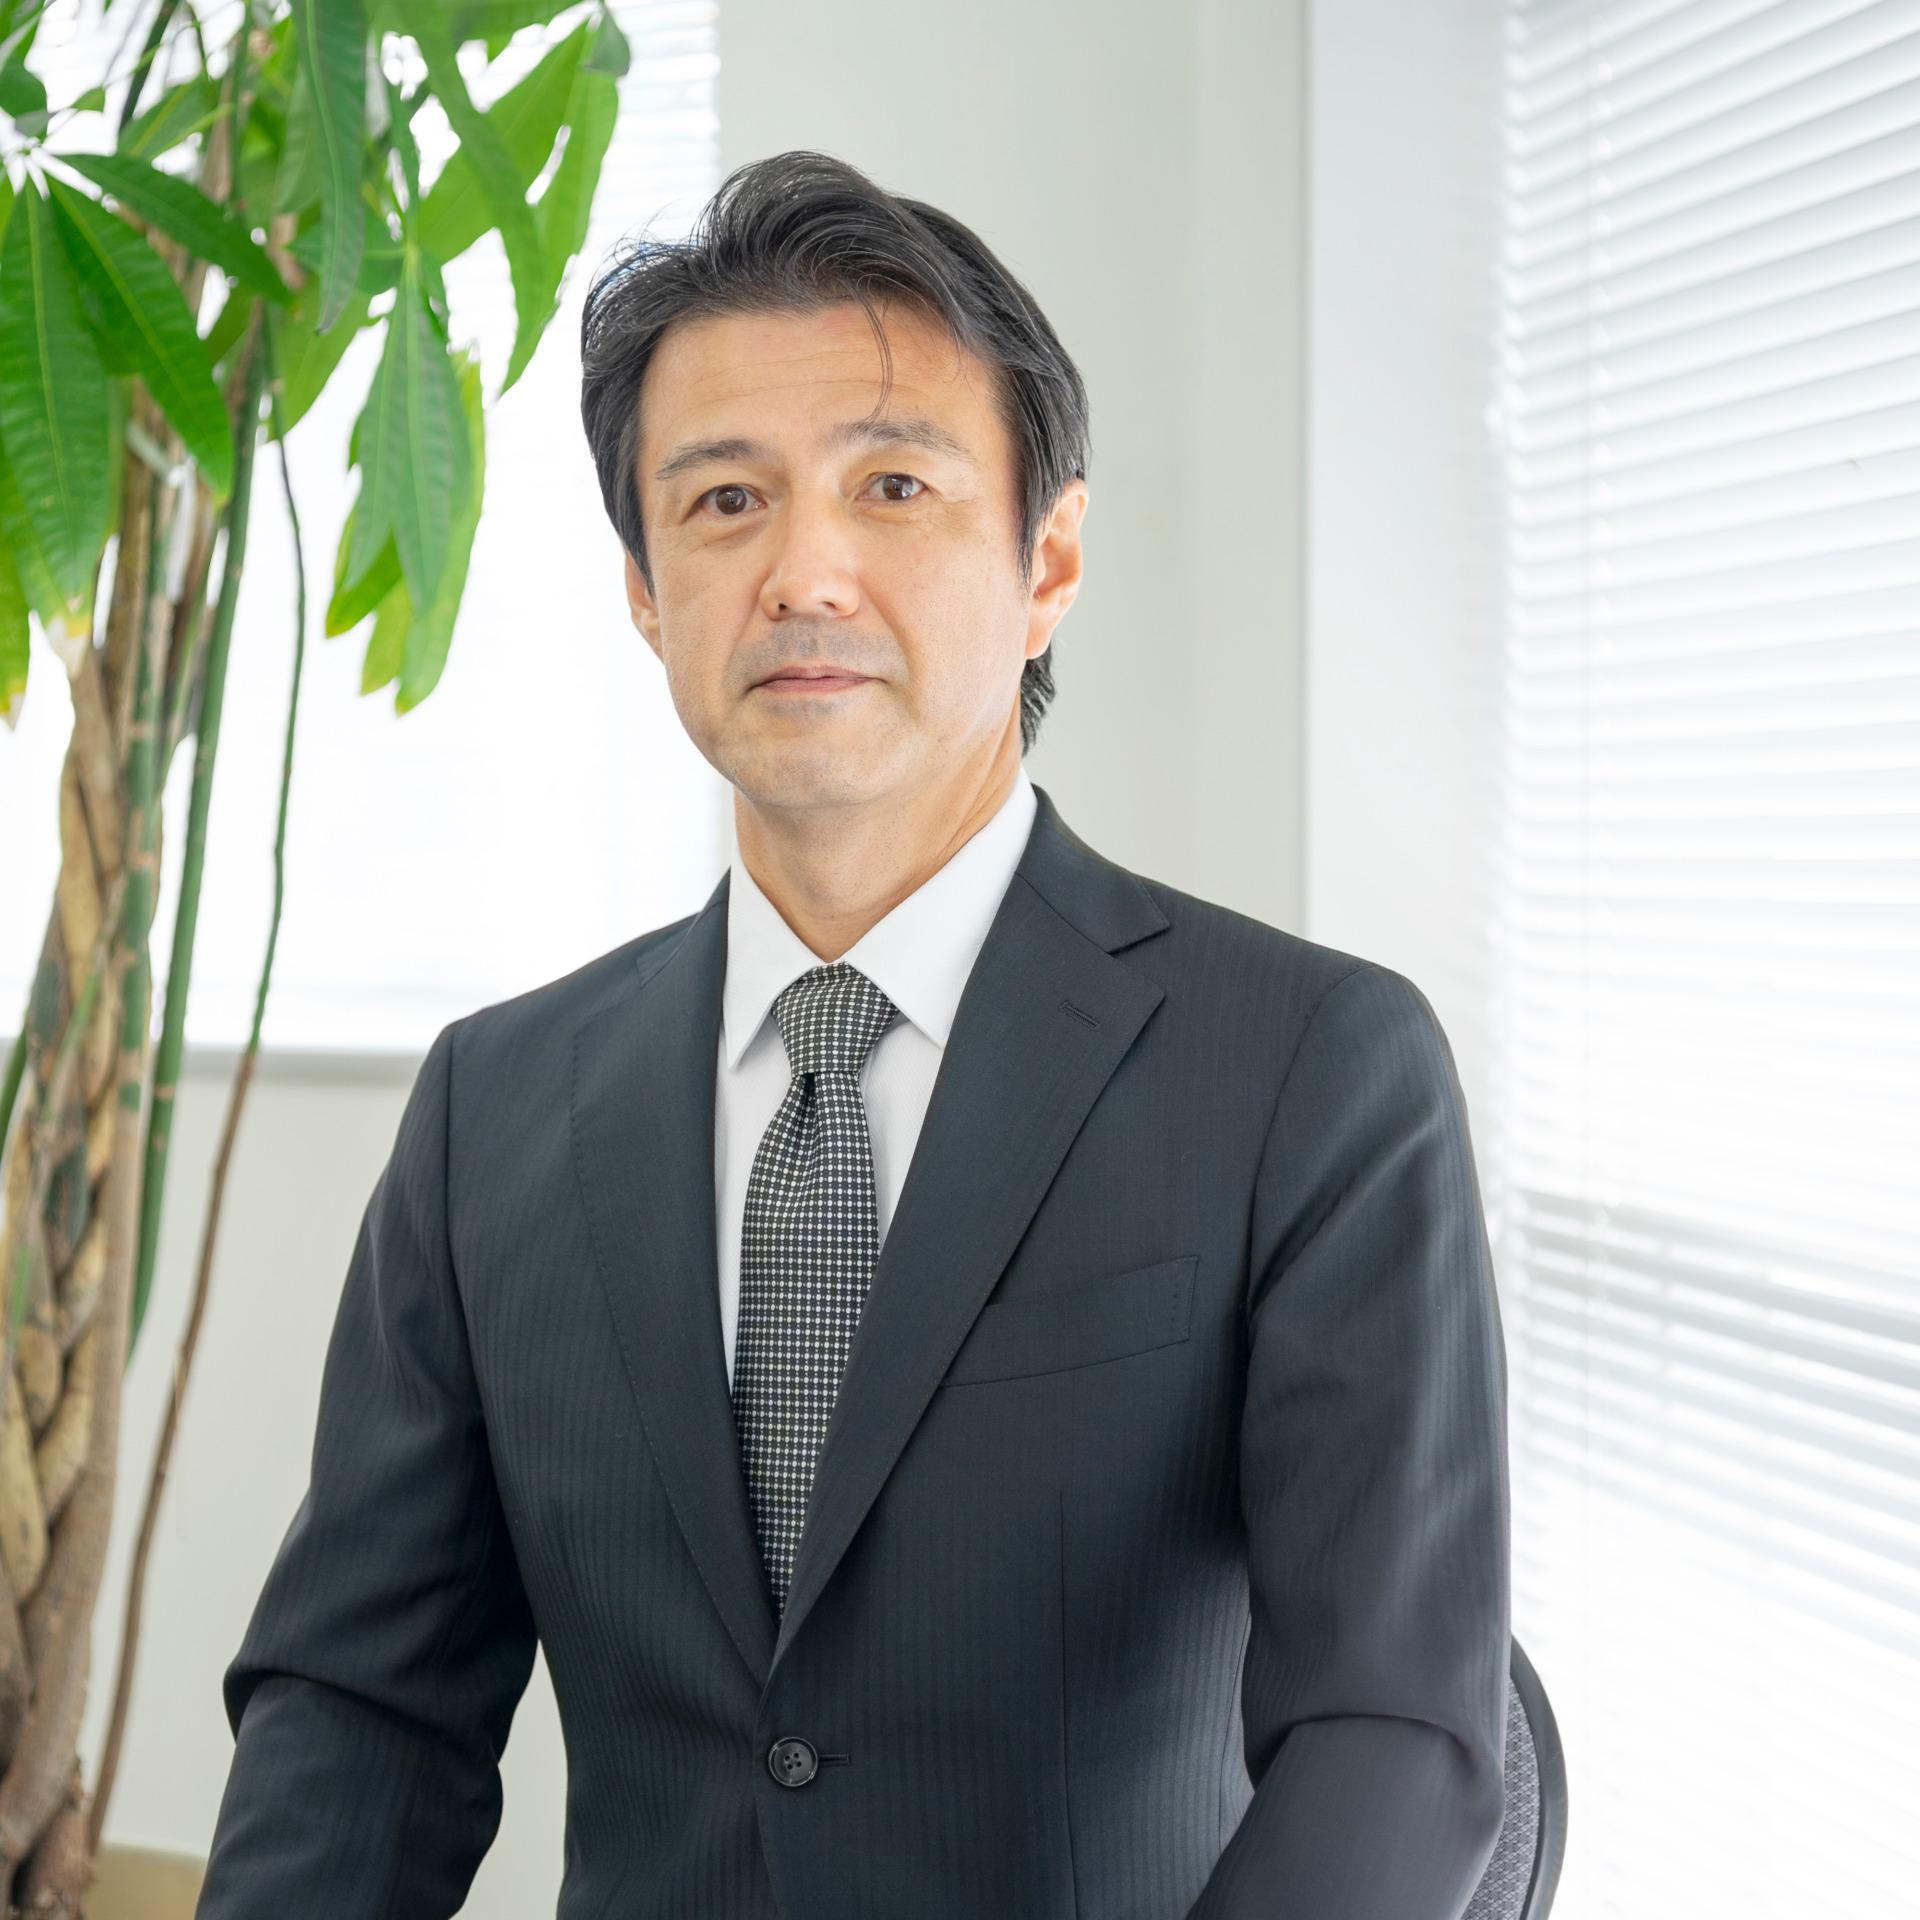 恩田社長ポートレート